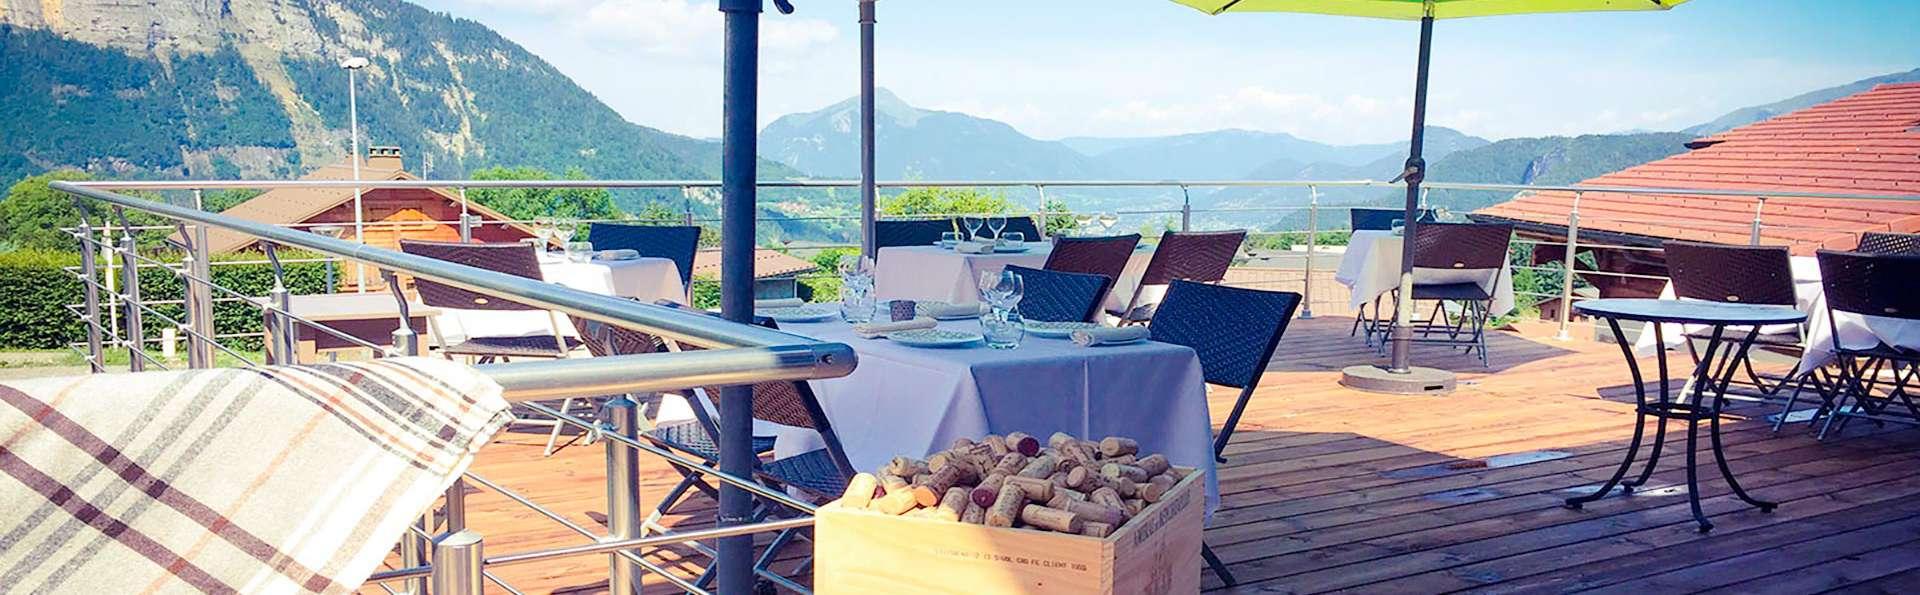 Dîner gastronomique et détente au spa (offert), au cœur du Grand Massif